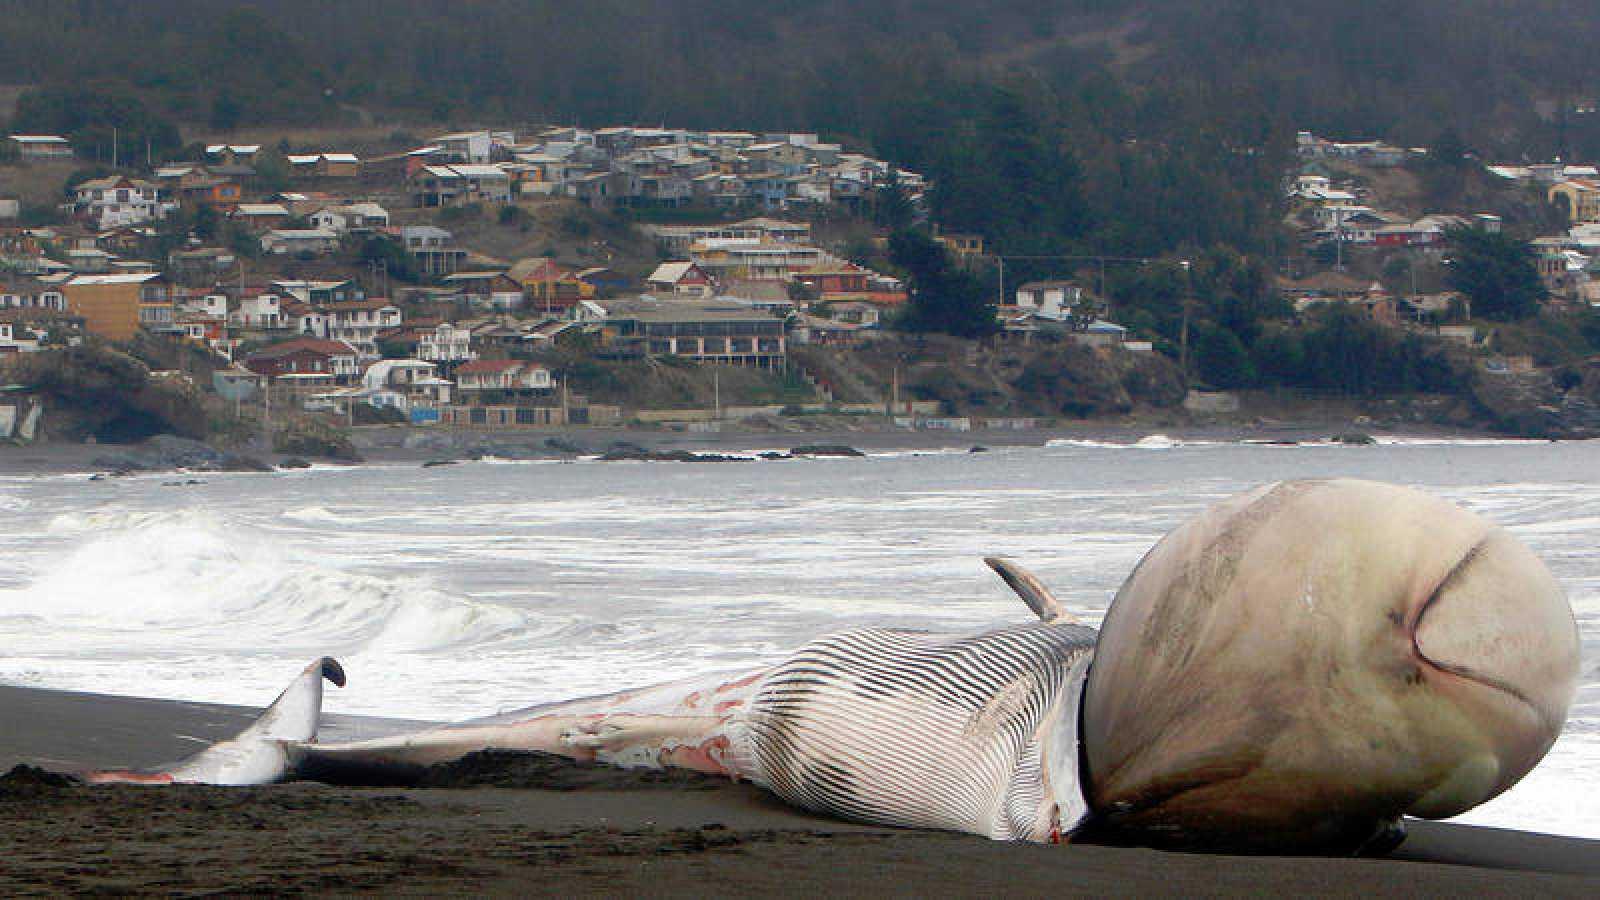 Imagen de archivo de los restos de una ballena varada en las costas de Pelluhue (Chile).